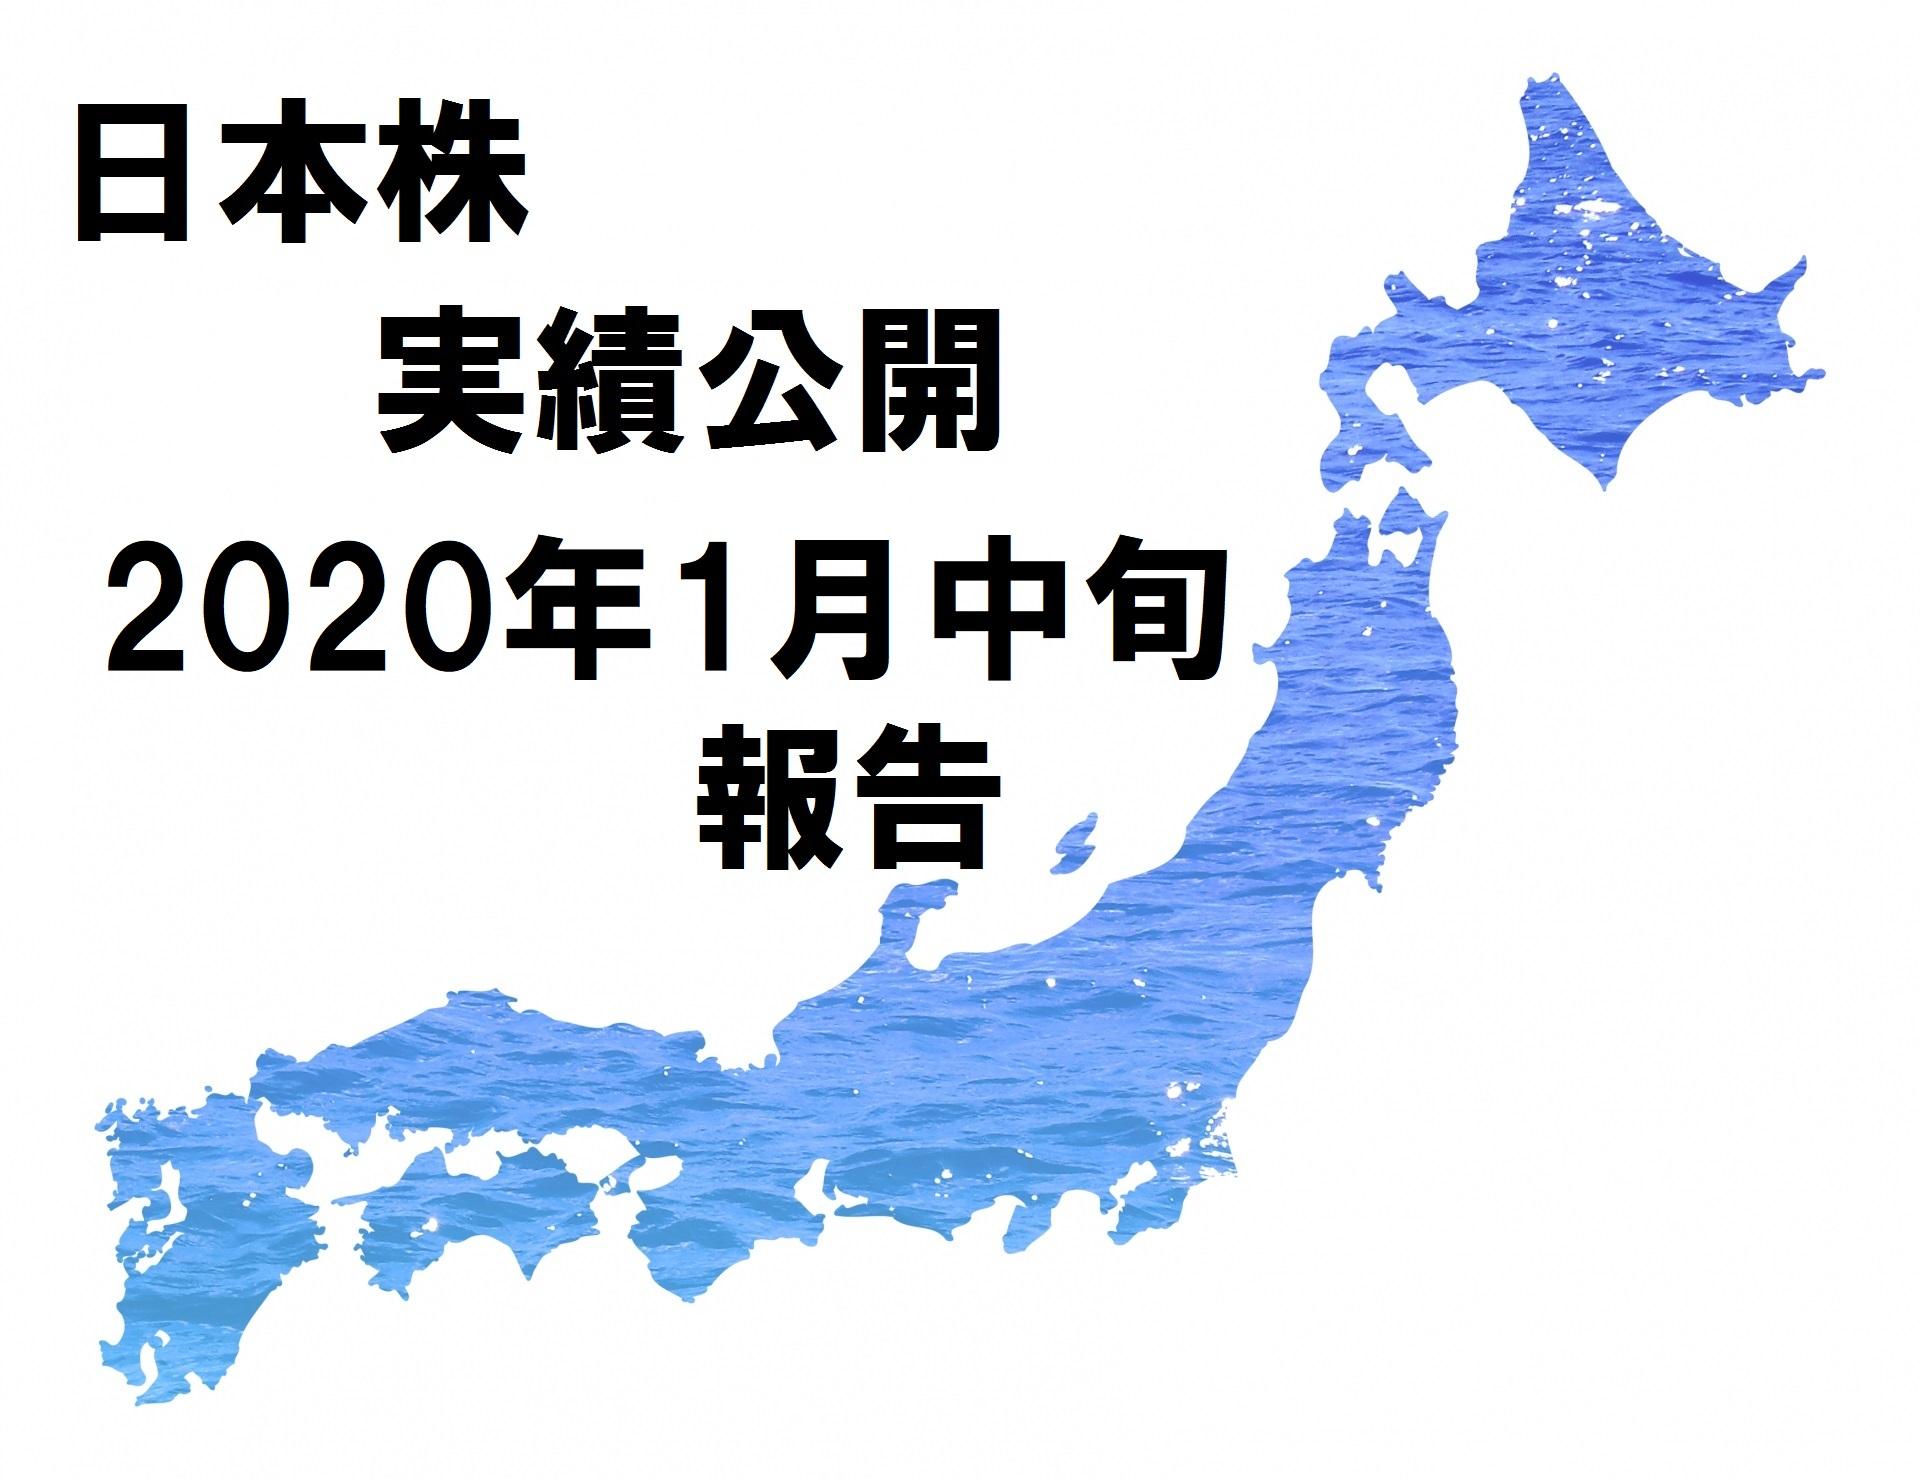 2020年1月中旬時点での日本株実績報告